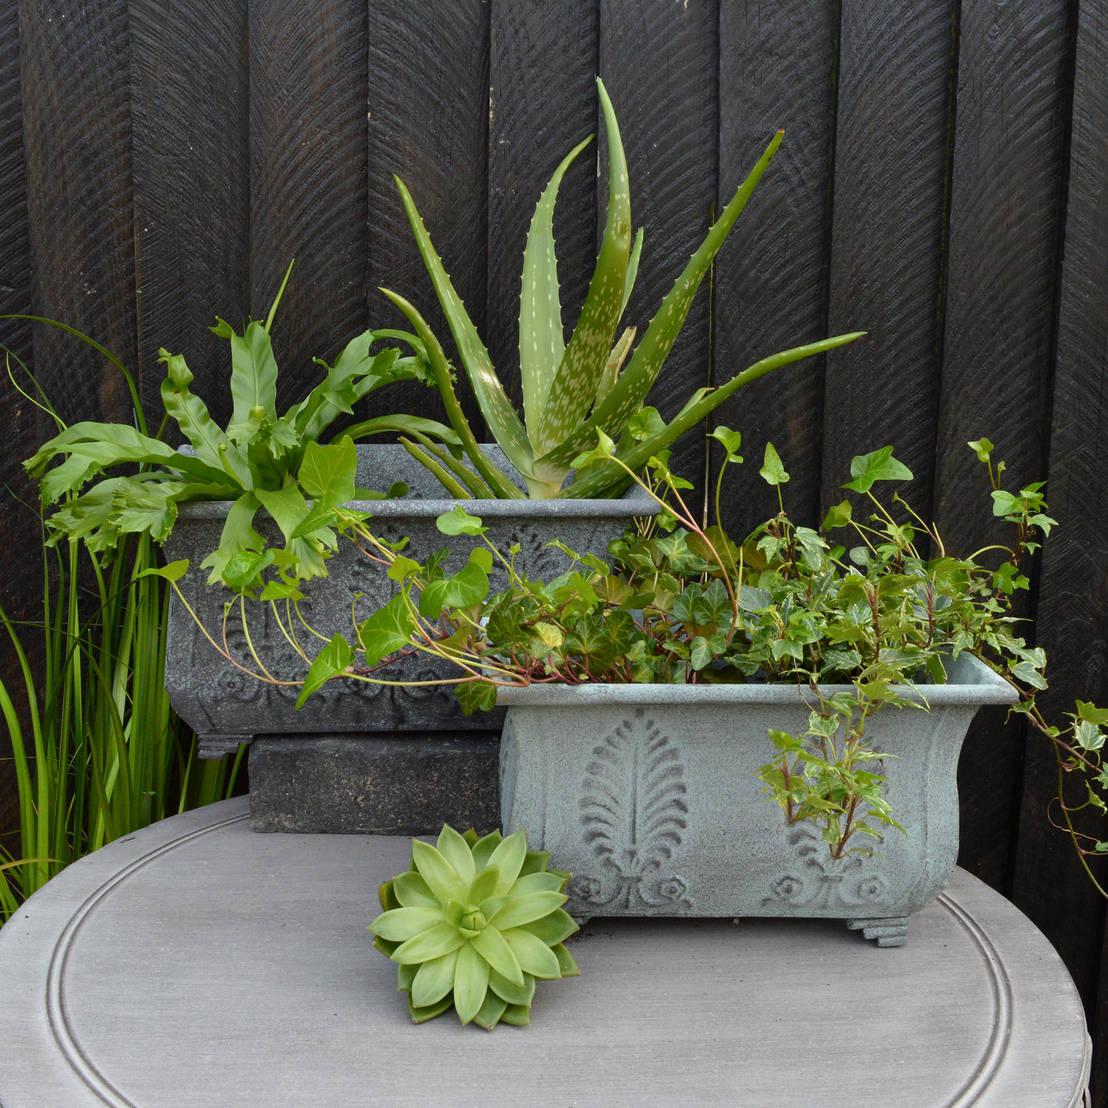 Jardineras de piedra 10 dise os espectaculares - Piedras para jardineras ...